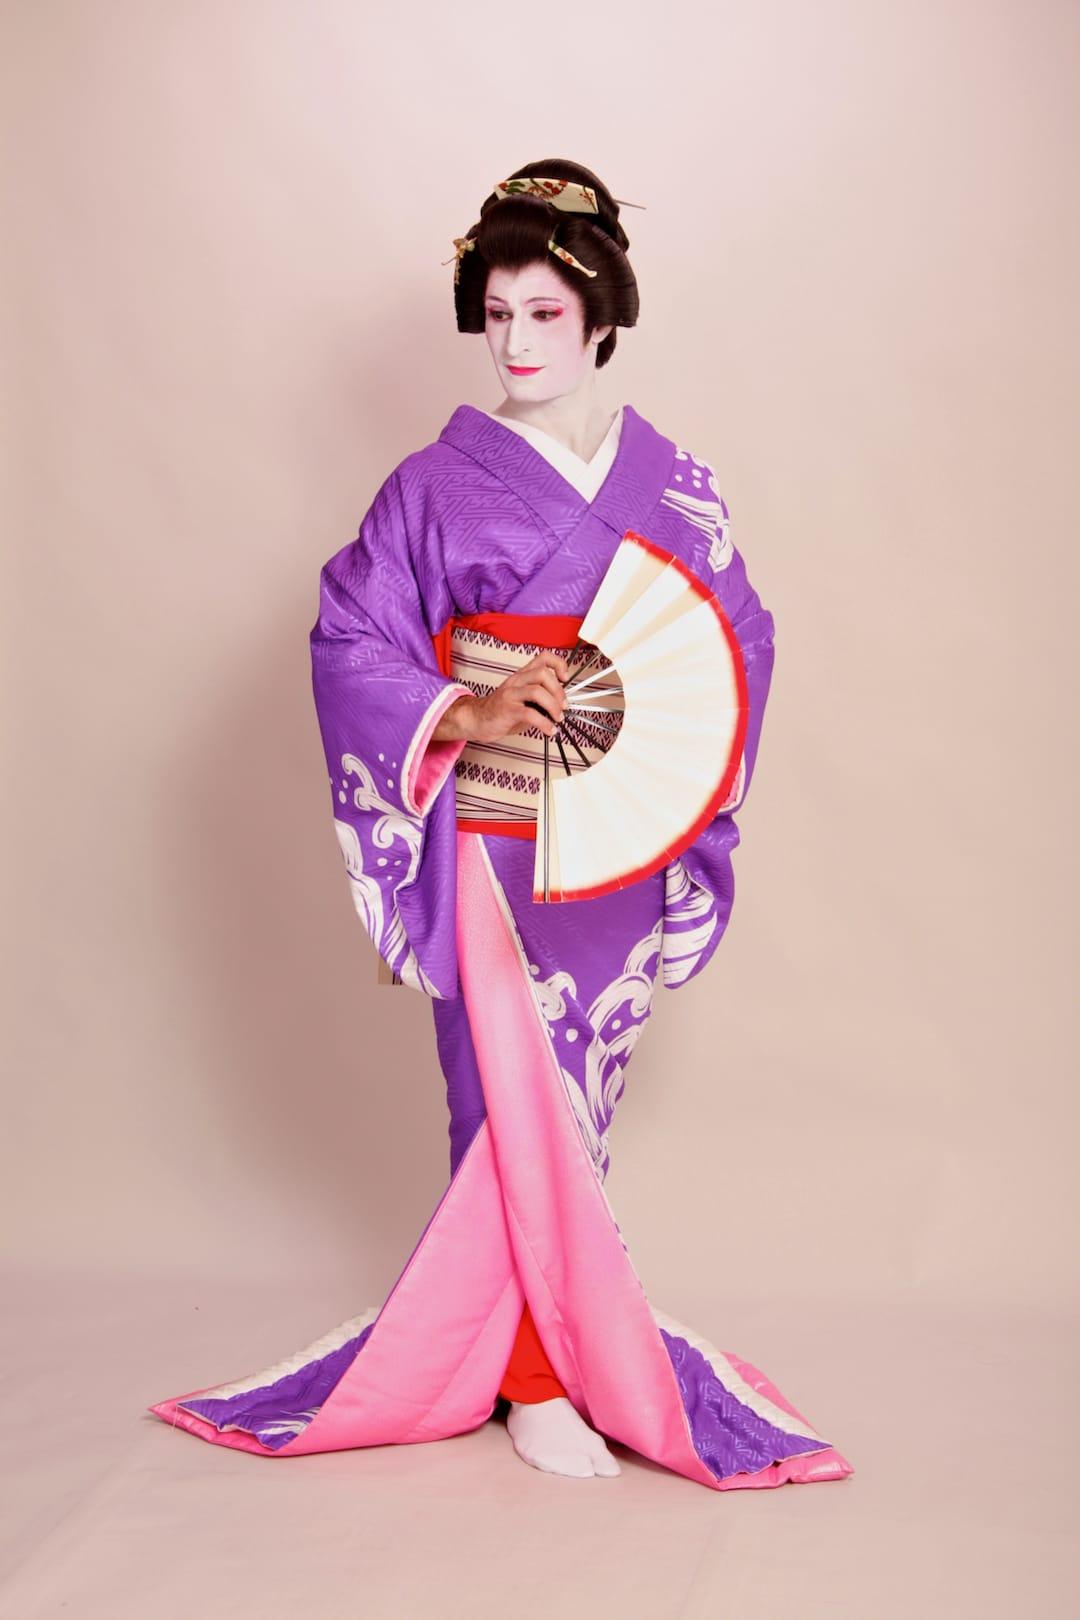 Geisha makeover in Tokyo Stefan photoshoot